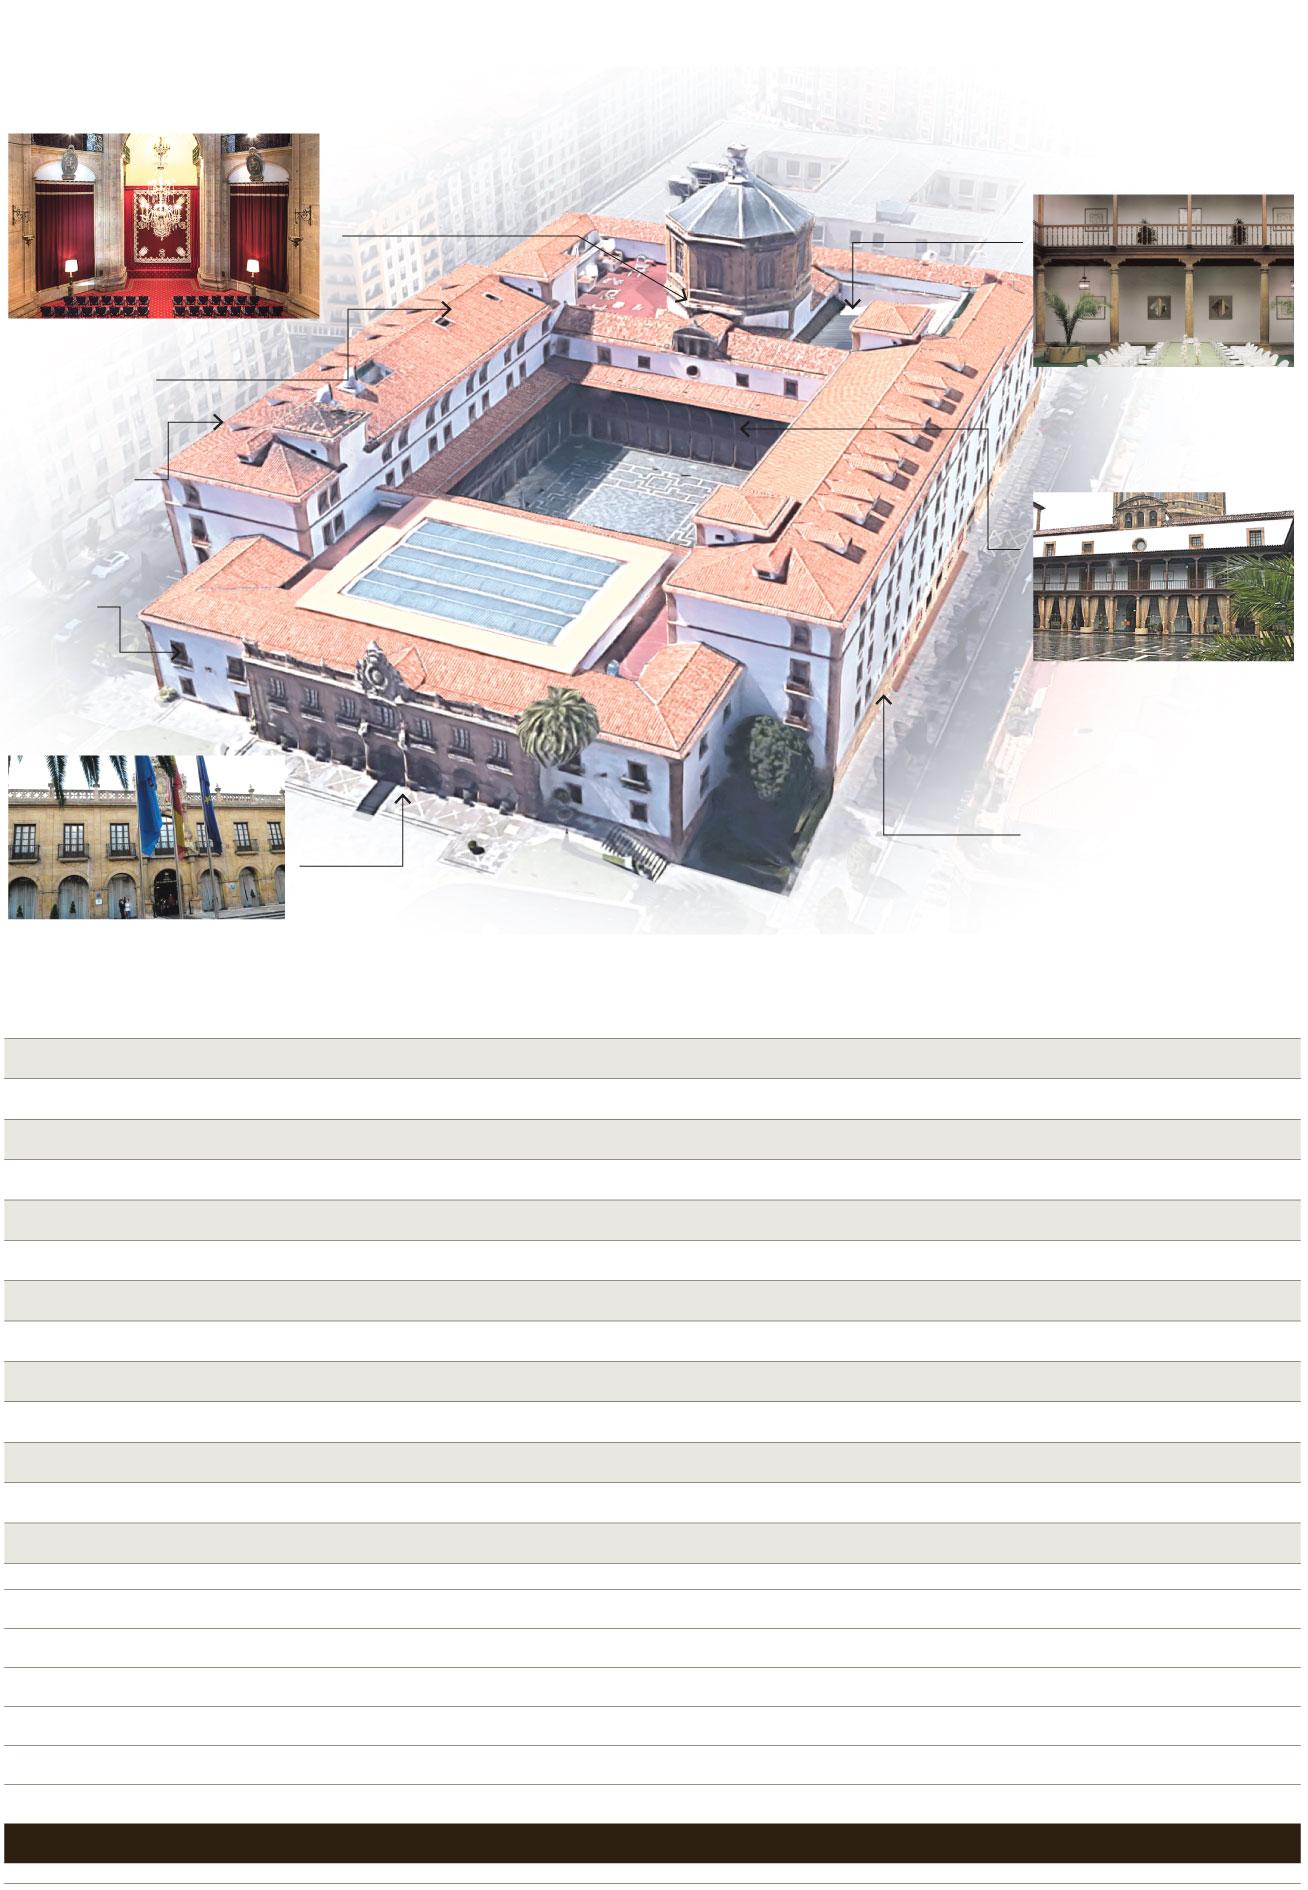 1618911771 intervenciones recogidas en el plan director del hotel de la reconquista 1